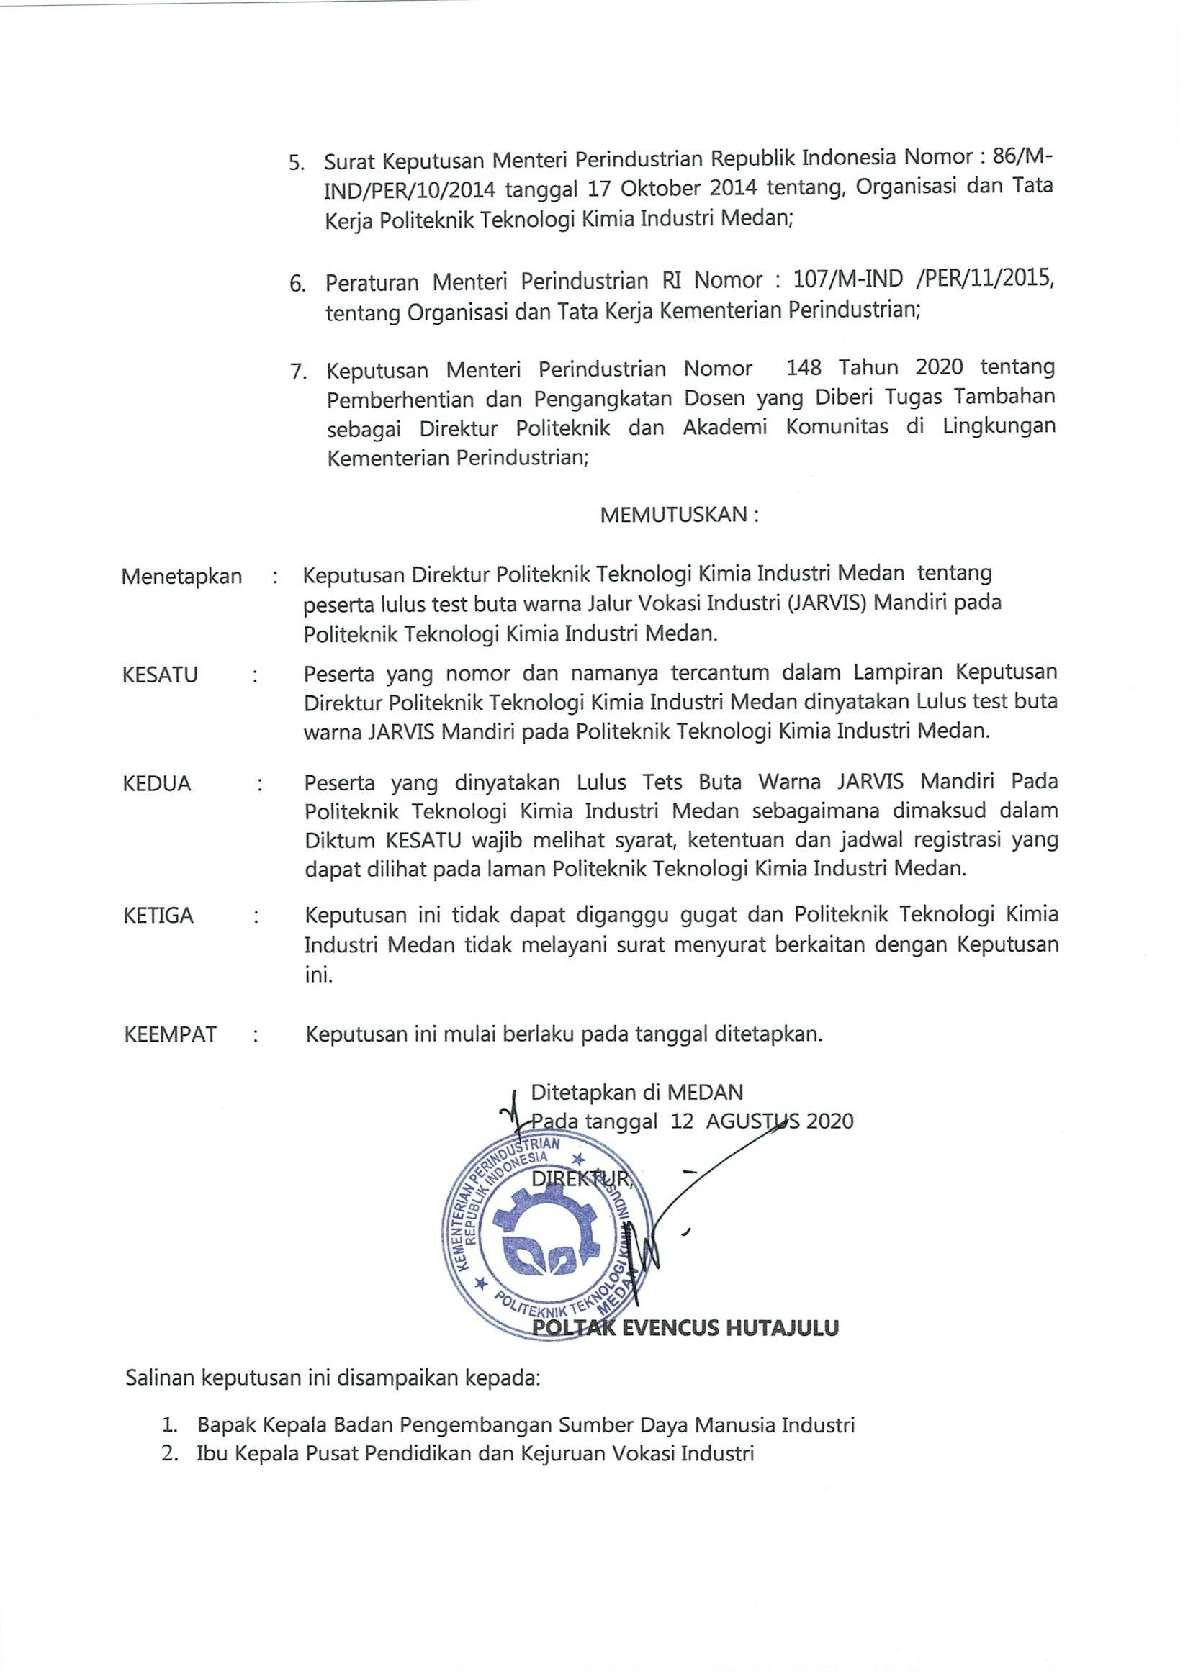 PENGUMUMAN HASIL TEST BUTA WARNA JM 20202